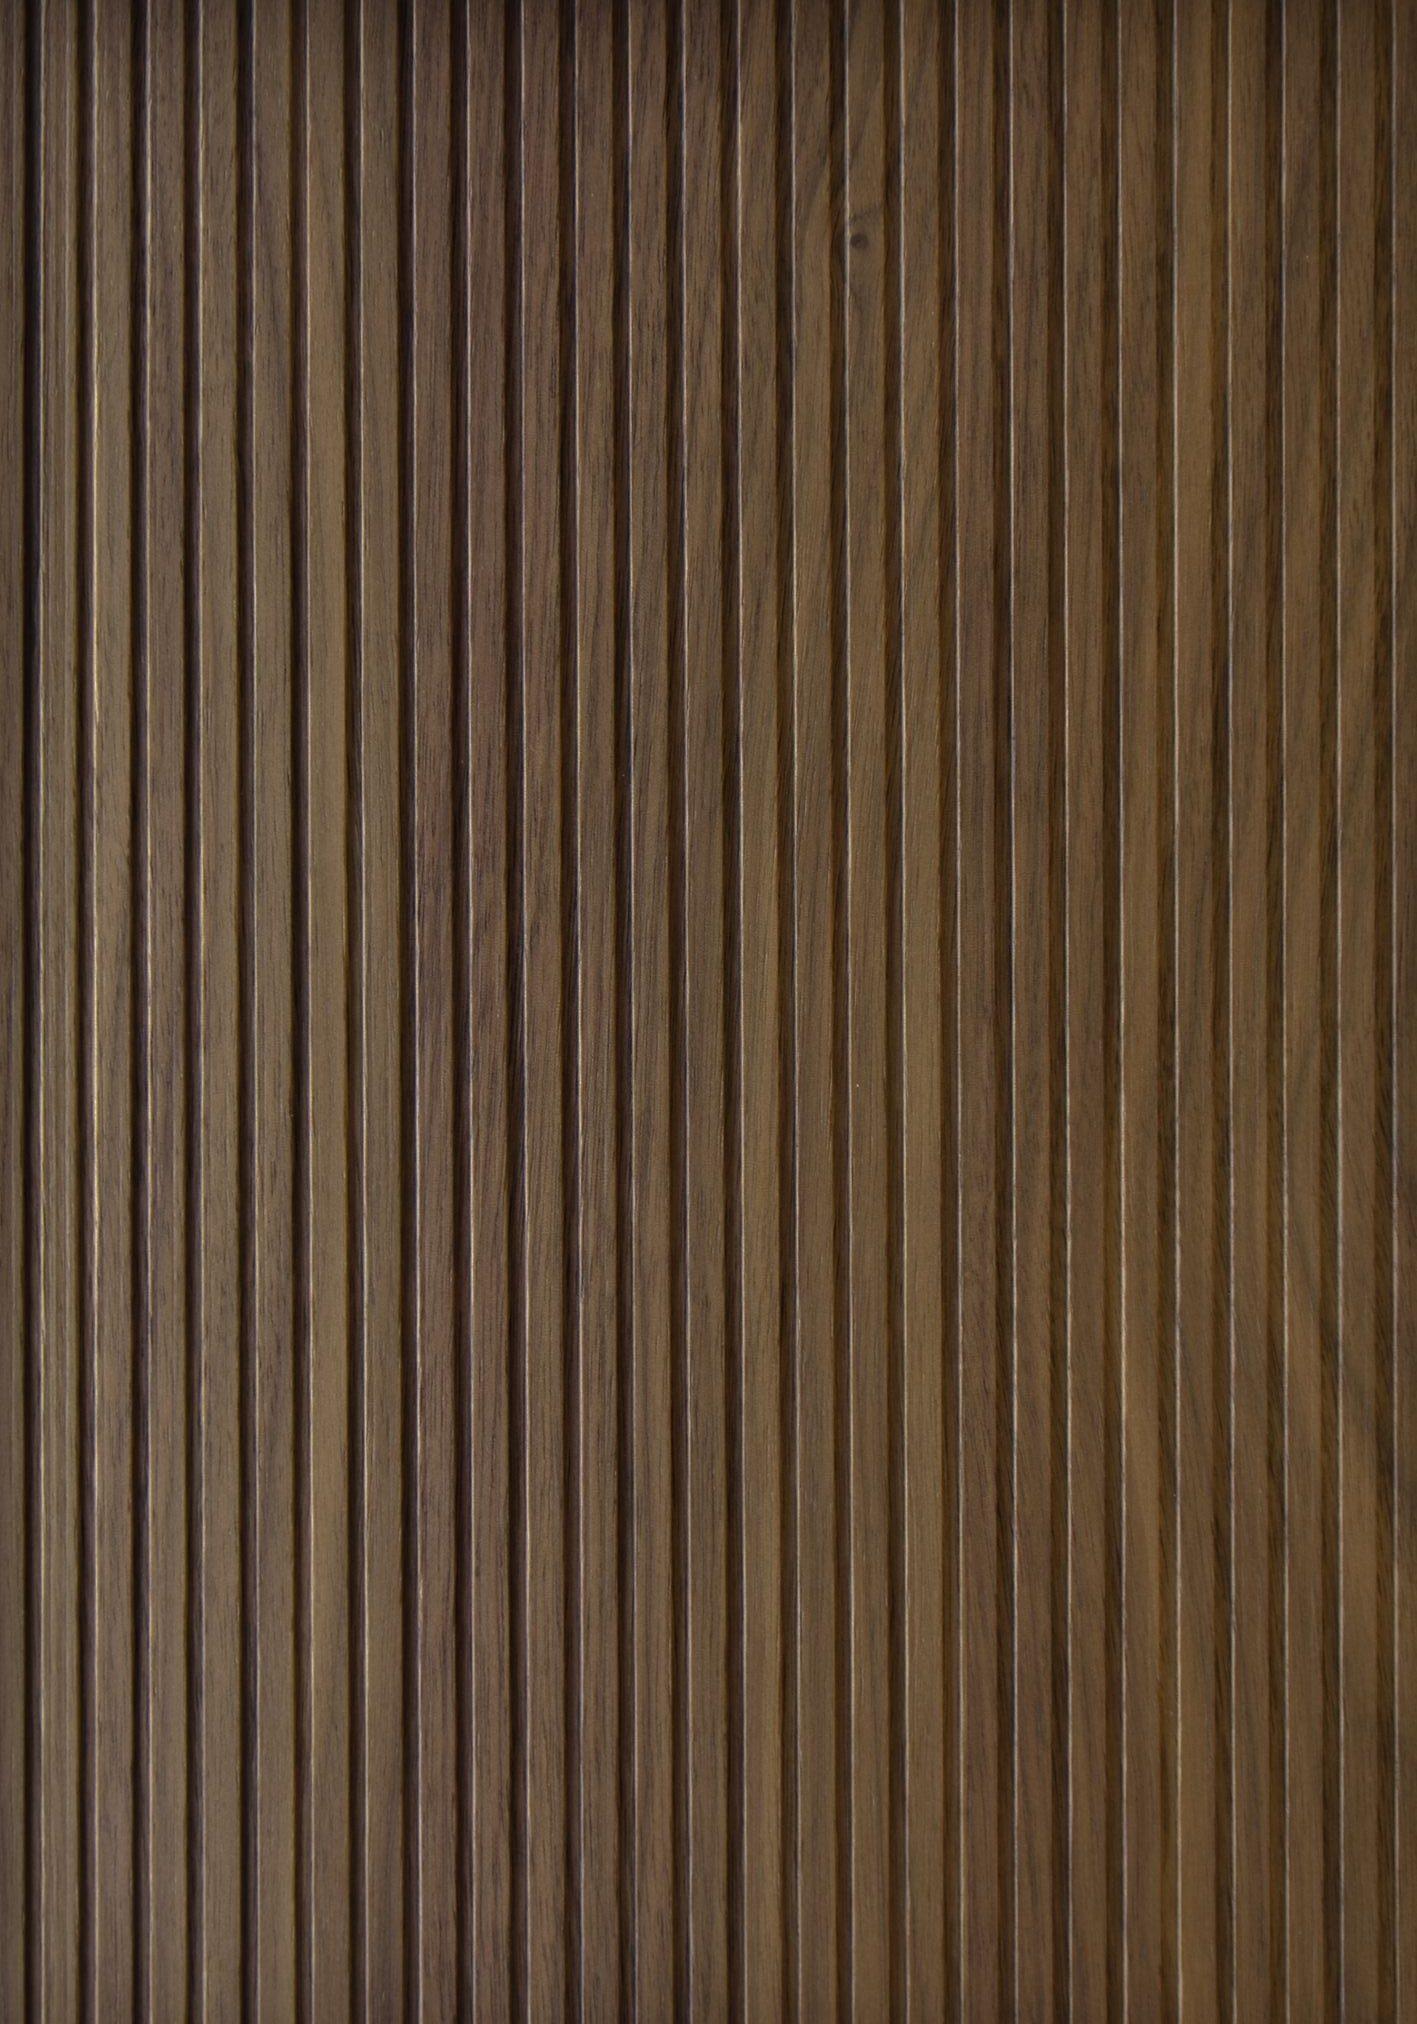 2610 - LIGHT - Heartwood walnut - Real wood veneer